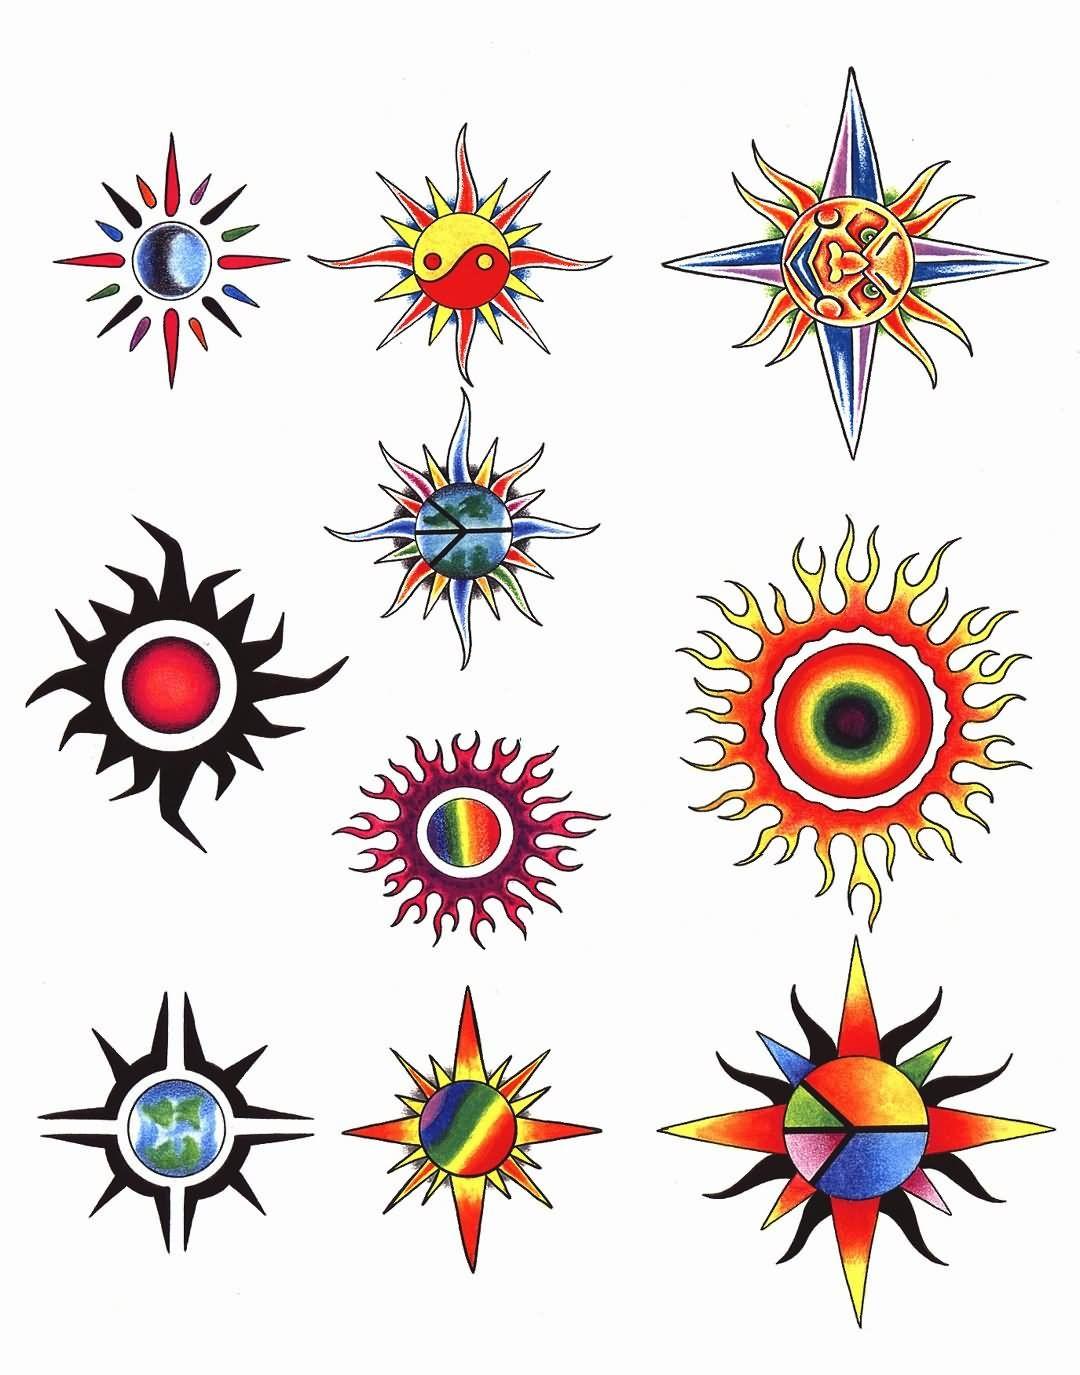 ColorfulSunTattoosDesignsSample.jpg (1080×1375